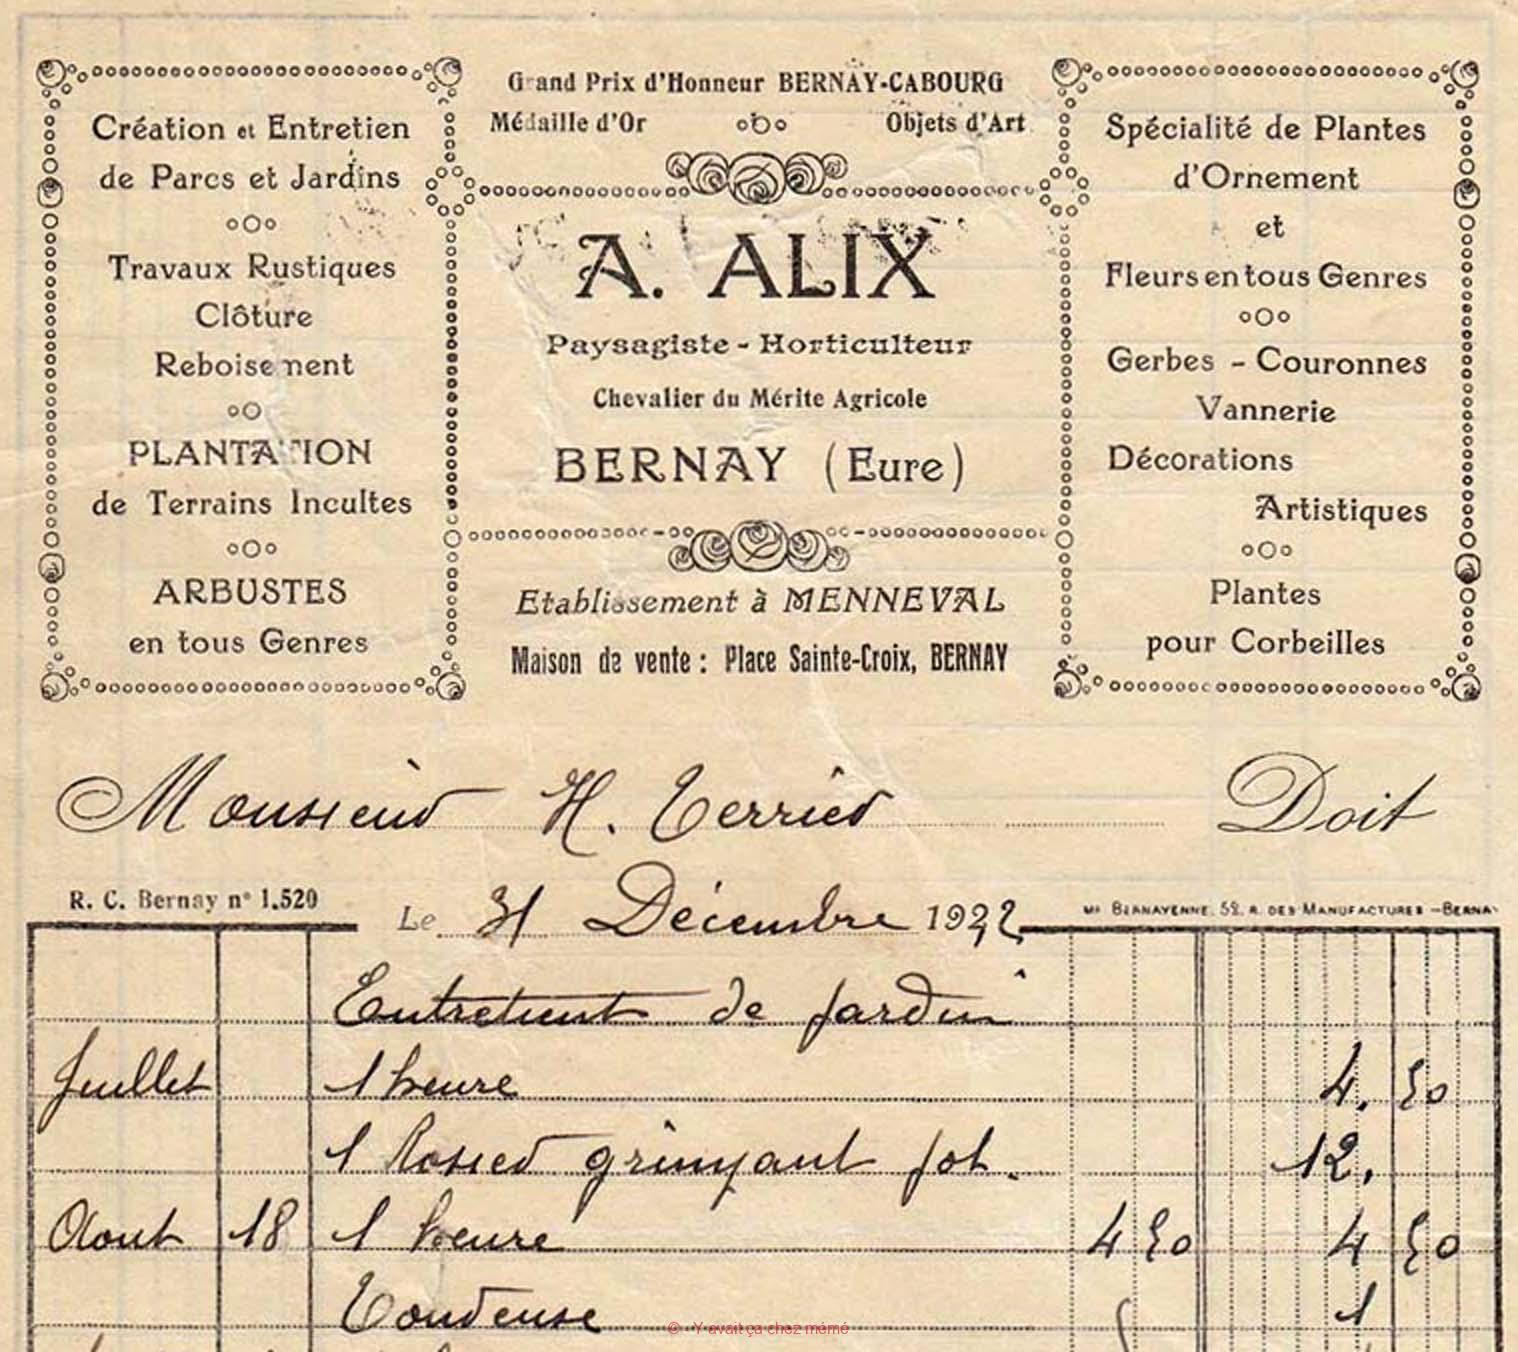 Les Jardins ALIX - Production à MENNEVAL et vente à BERNAY au 90 rue Thiers